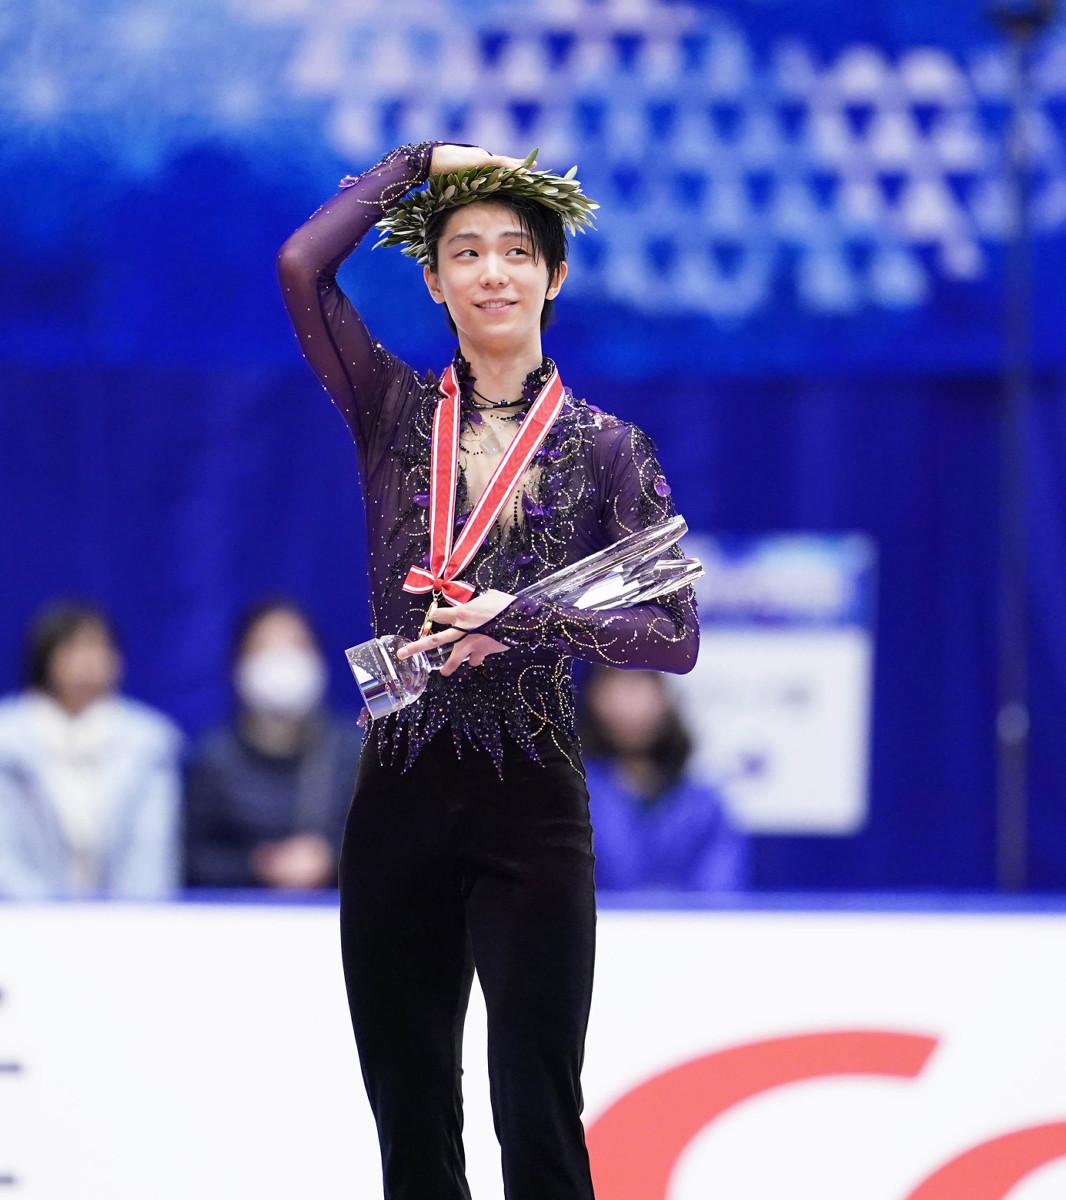 張本勲氏、NHK杯優勝の羽生結弦に「あっぱれはやらないよ。チェンが出てないから」